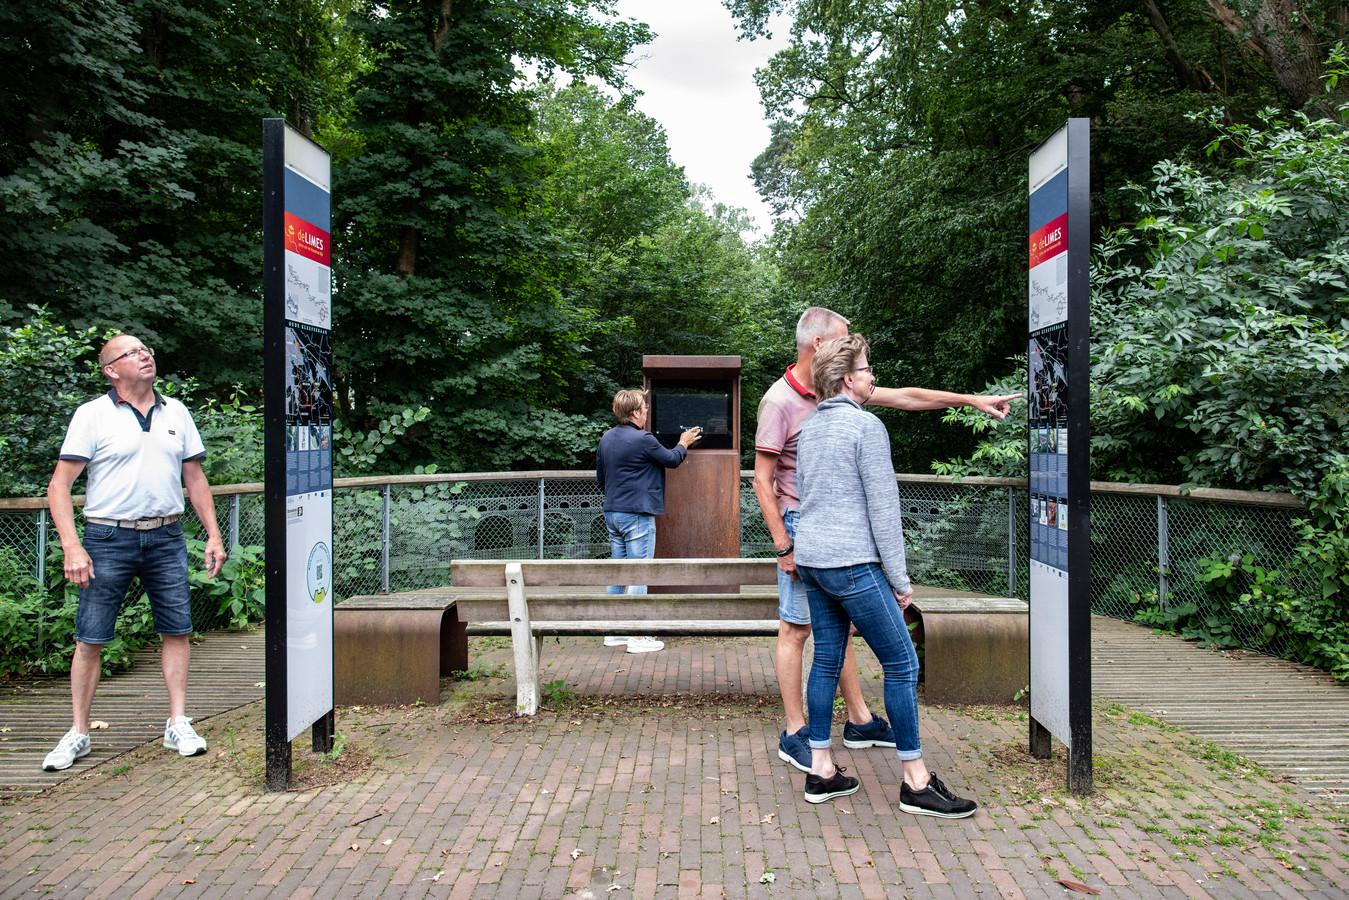 PR dgfoto Gelderlander Nijmegen: Romeinse Limes toegevoegd aan werelderfgoedlijst van Unesco. [op de foto: informatiezuilen bij het Romeins waterwerk aquaduct Berg en Dal]